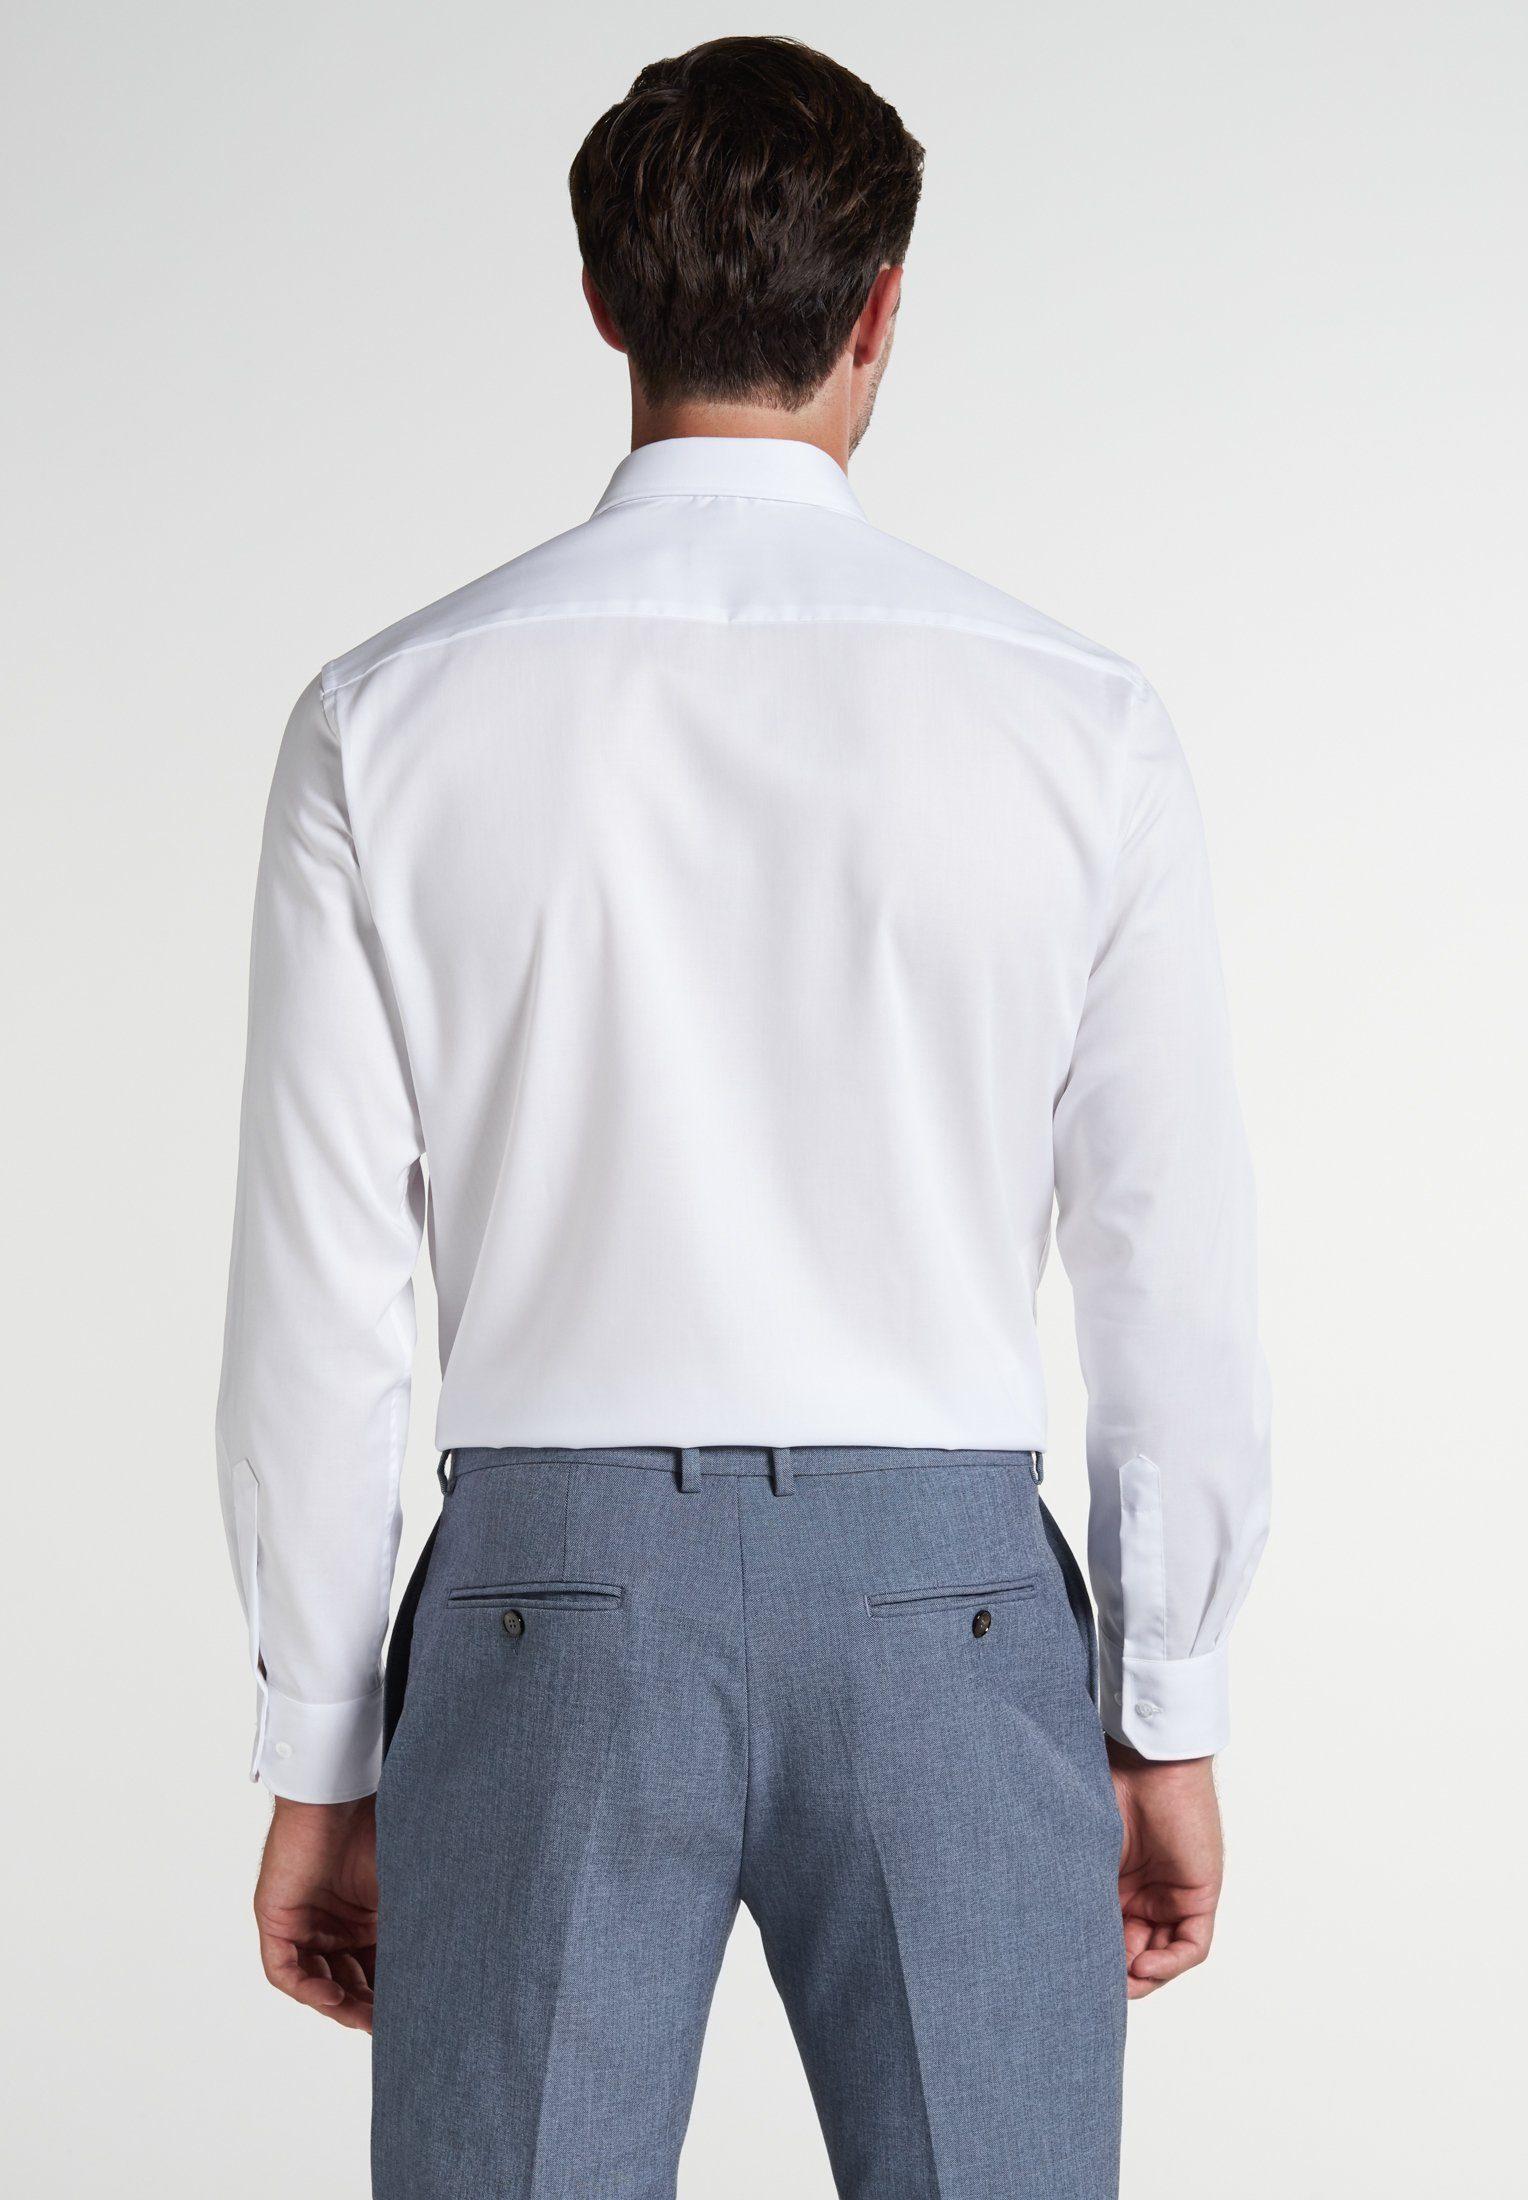 Langarm Kaufen Hemd Online »modern Fit« Eterna bmYfyvI76g